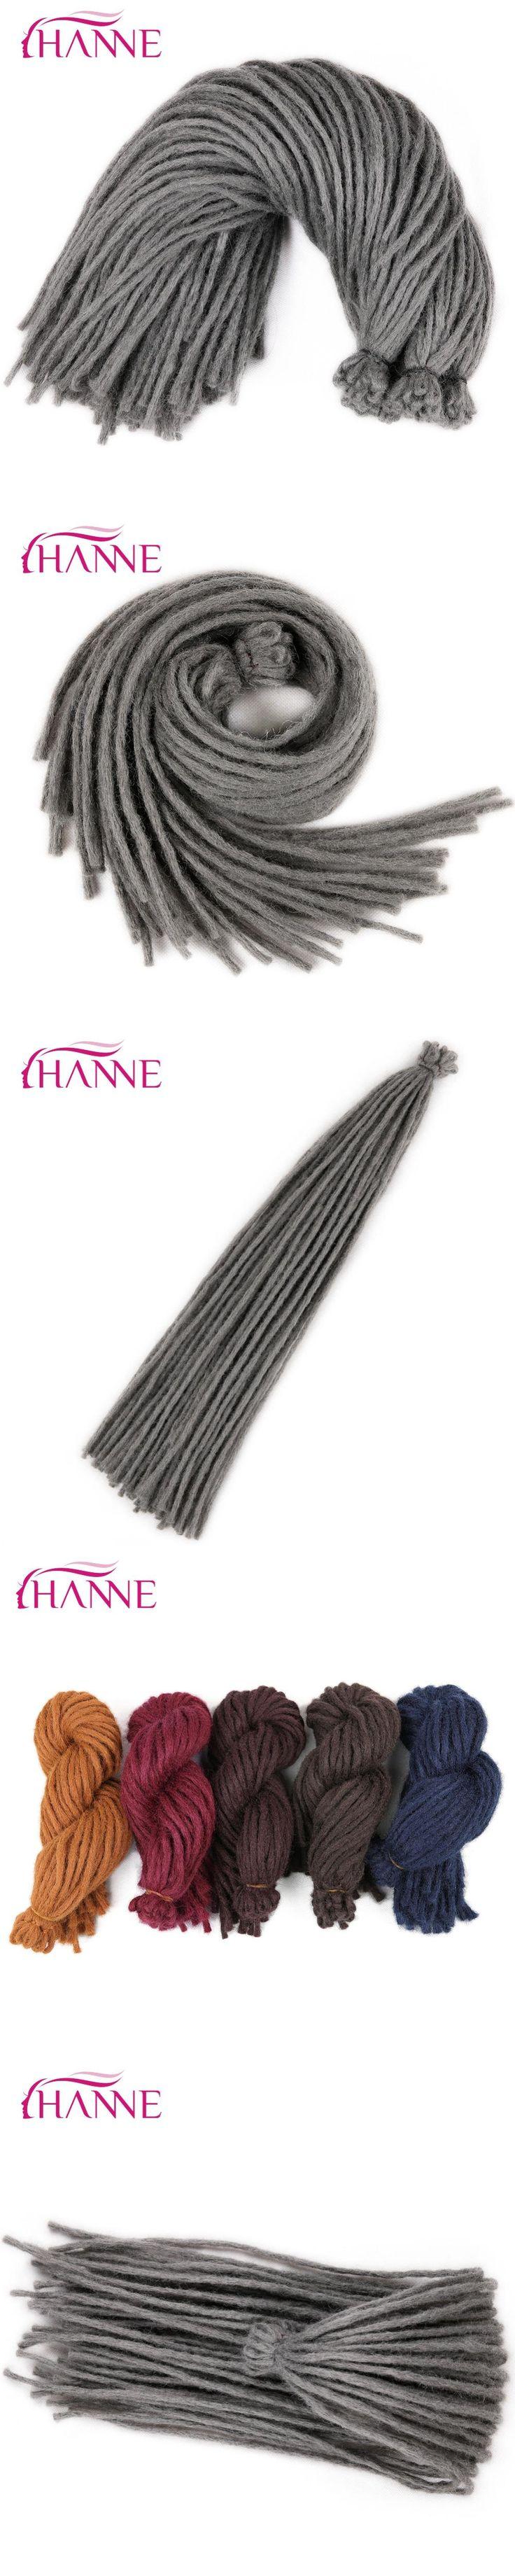 """HANNE one pack 22"""" Crochet Braids Burgundy blue brown Gray 55g/pack Dreadlocks Synthetic Hair Extension For Black Women Or Men"""